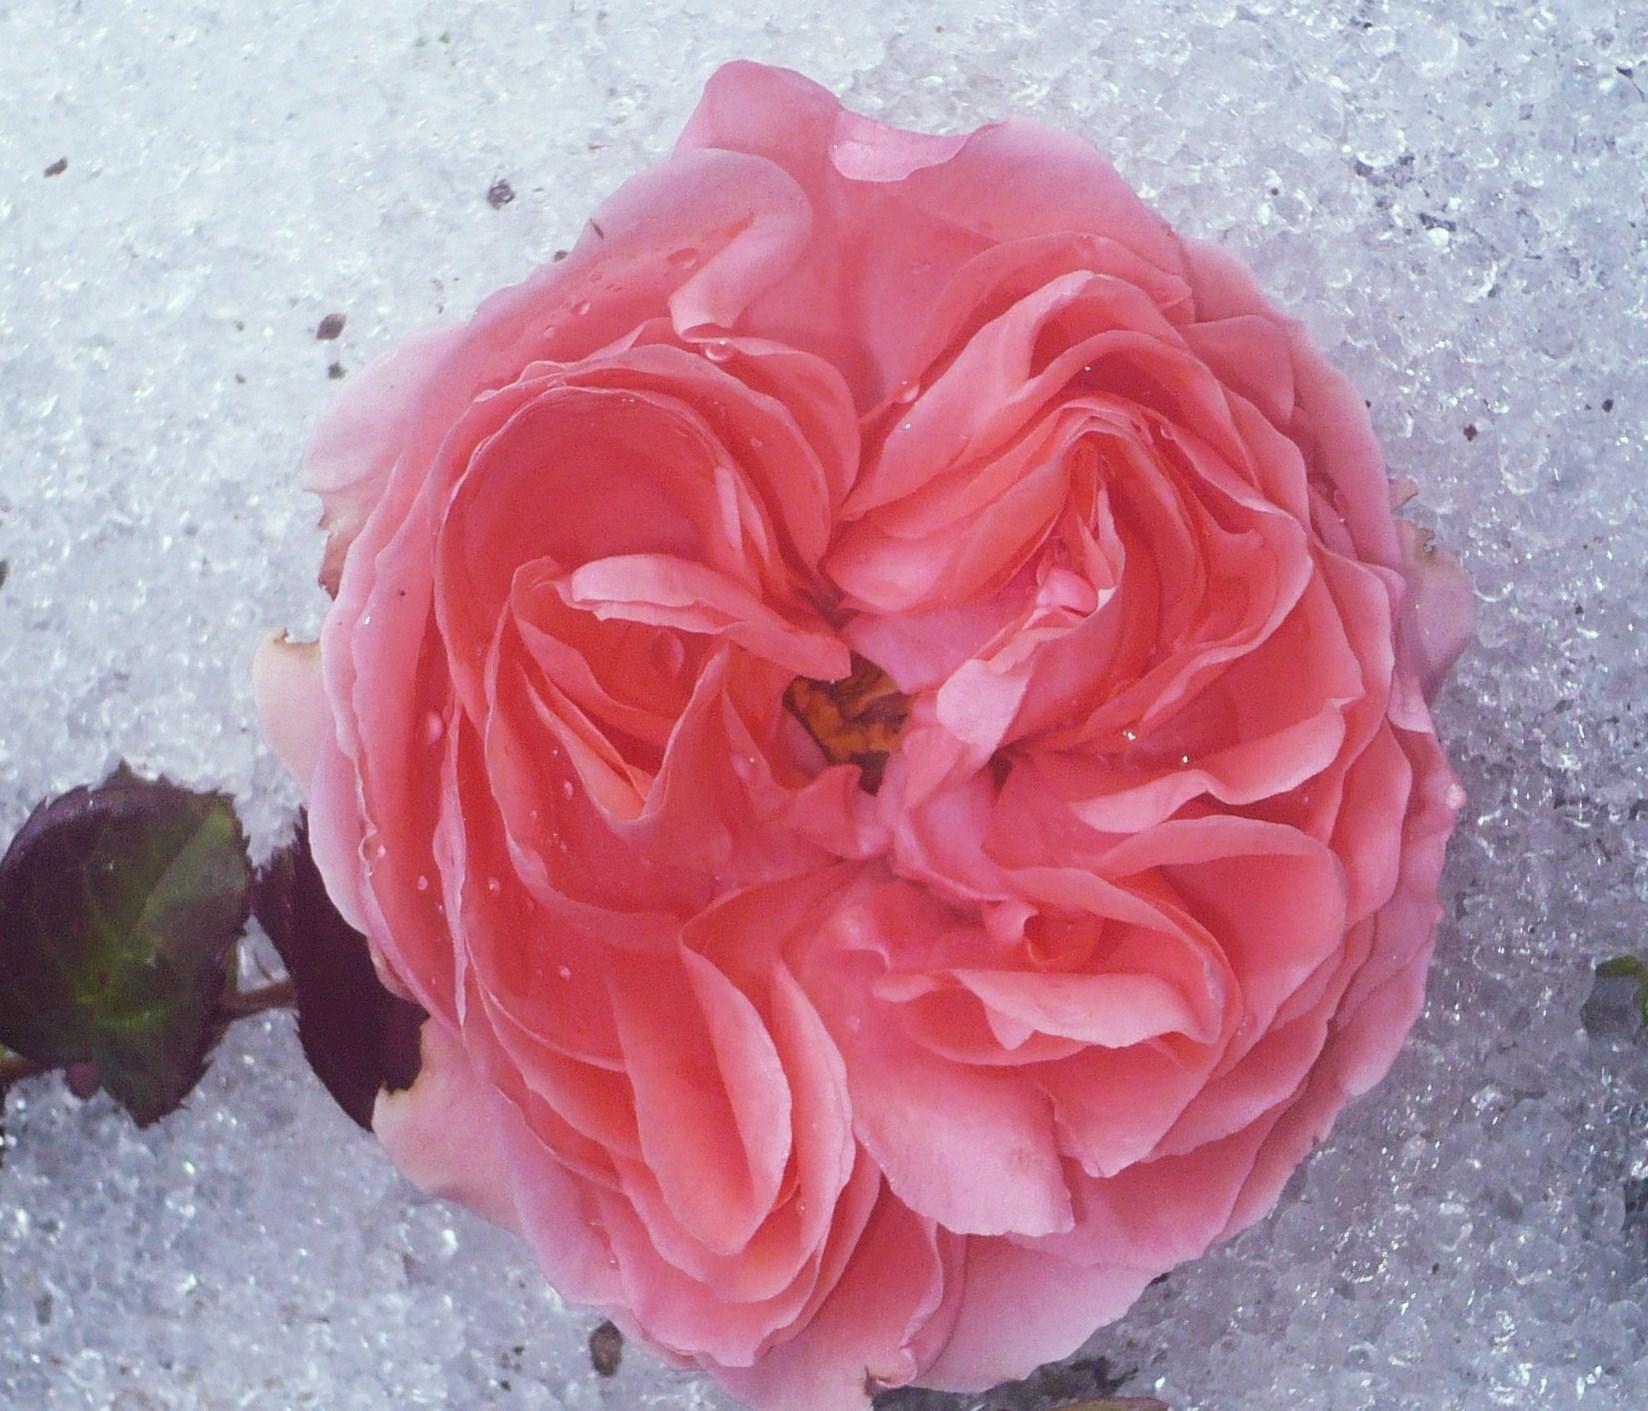 premiere-neige-et-rose-003.JPG